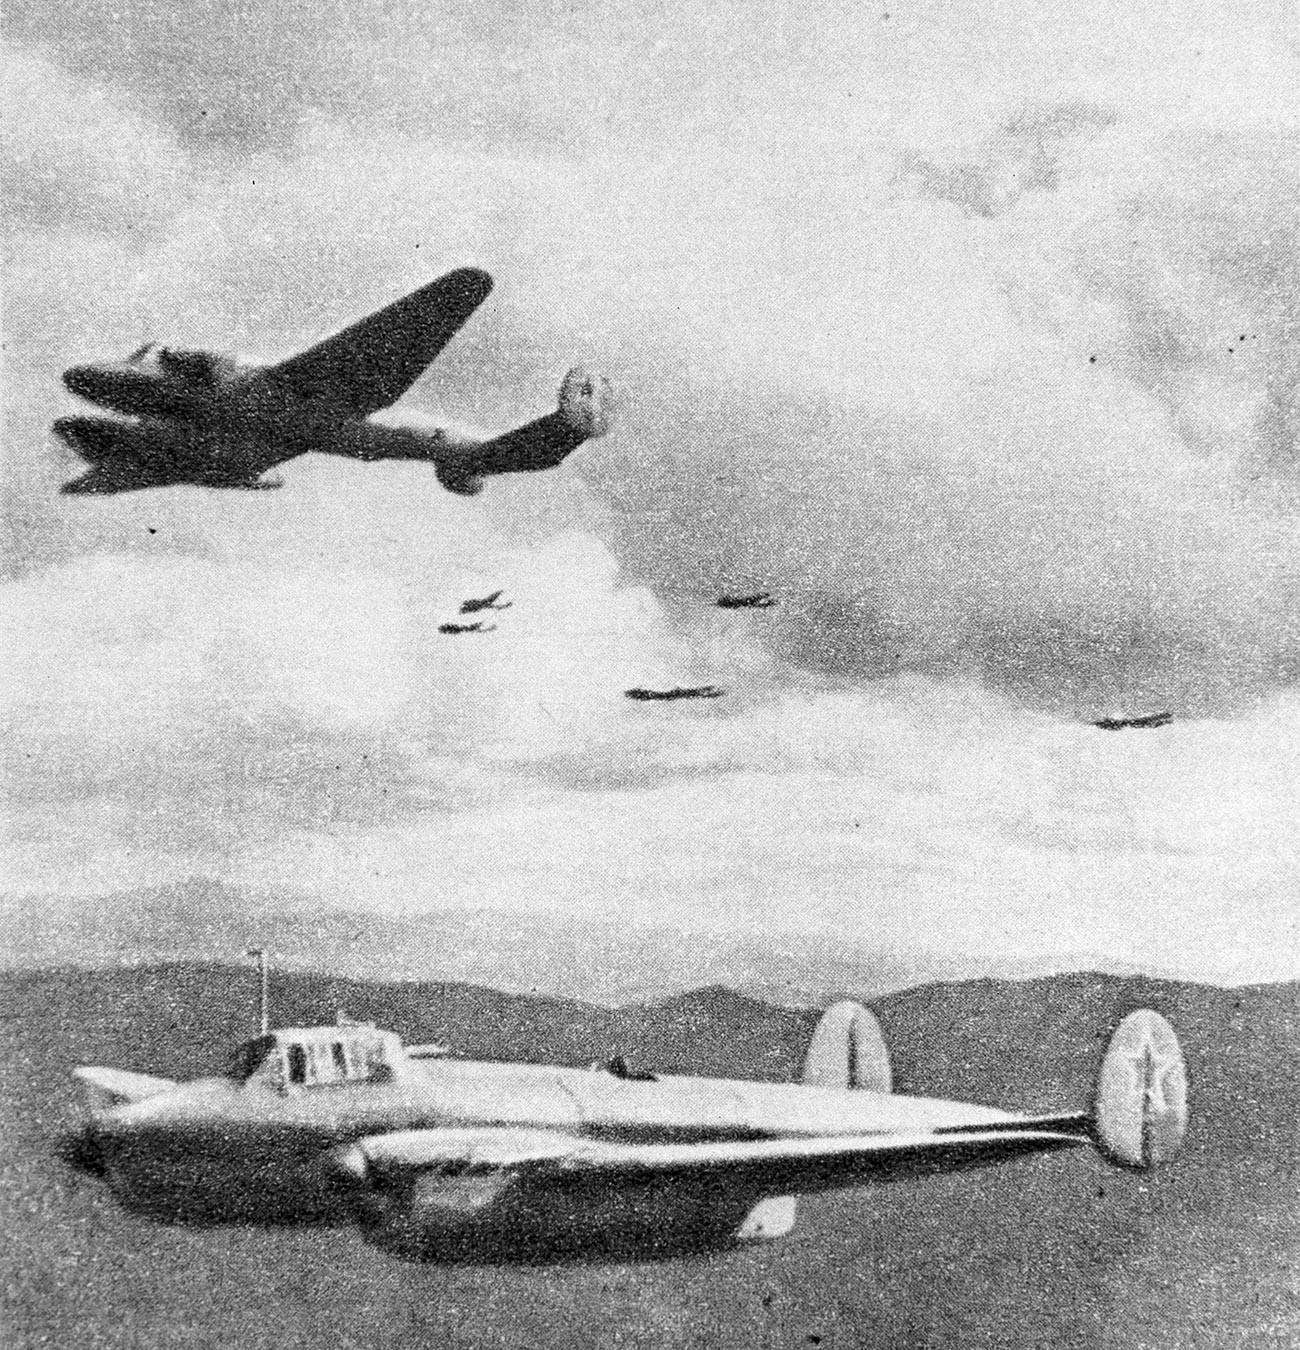 Советские самолеты в Китае.